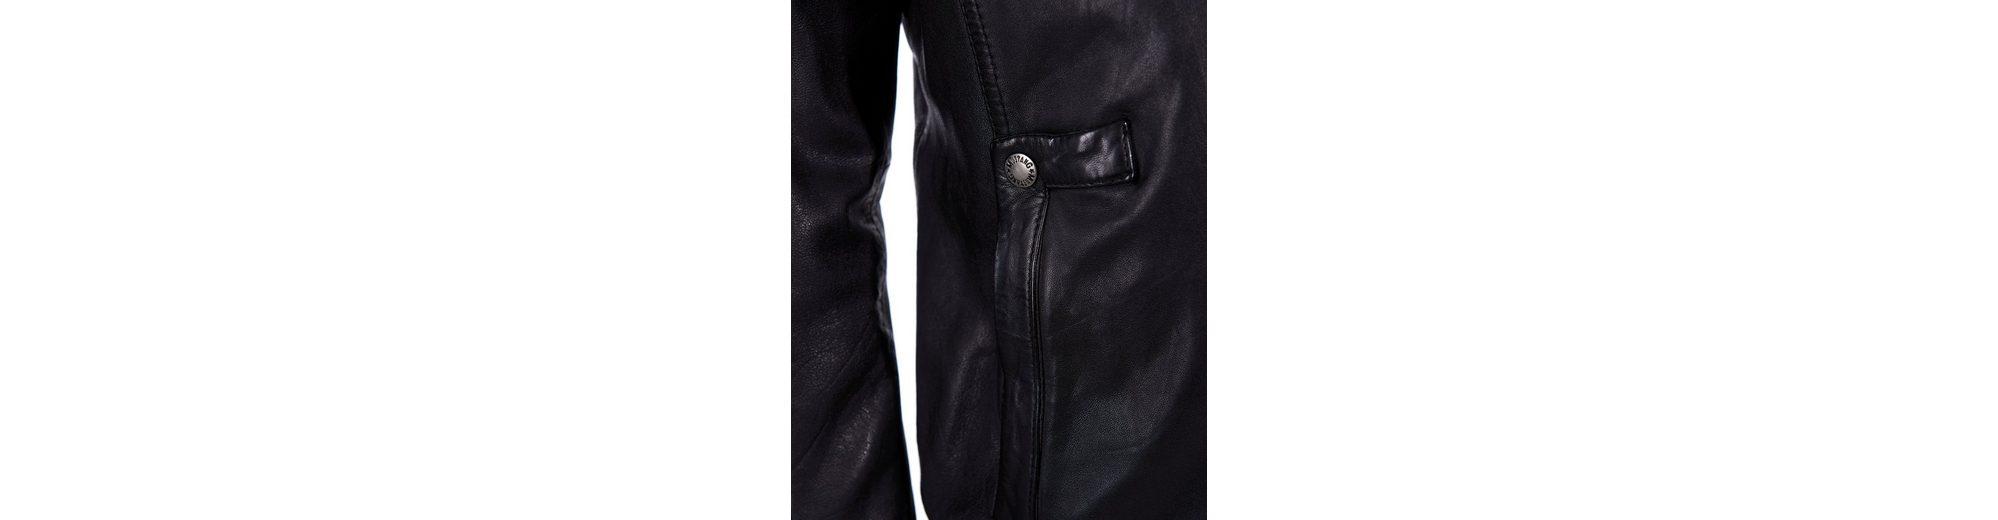 Mustang Lederjacke Robson Hochwertige Billig Verkauf Online-Shop Günstige Austrittsstellen Neue Und Mode Billig Verkaufen Authentisch sMPCOdQv58